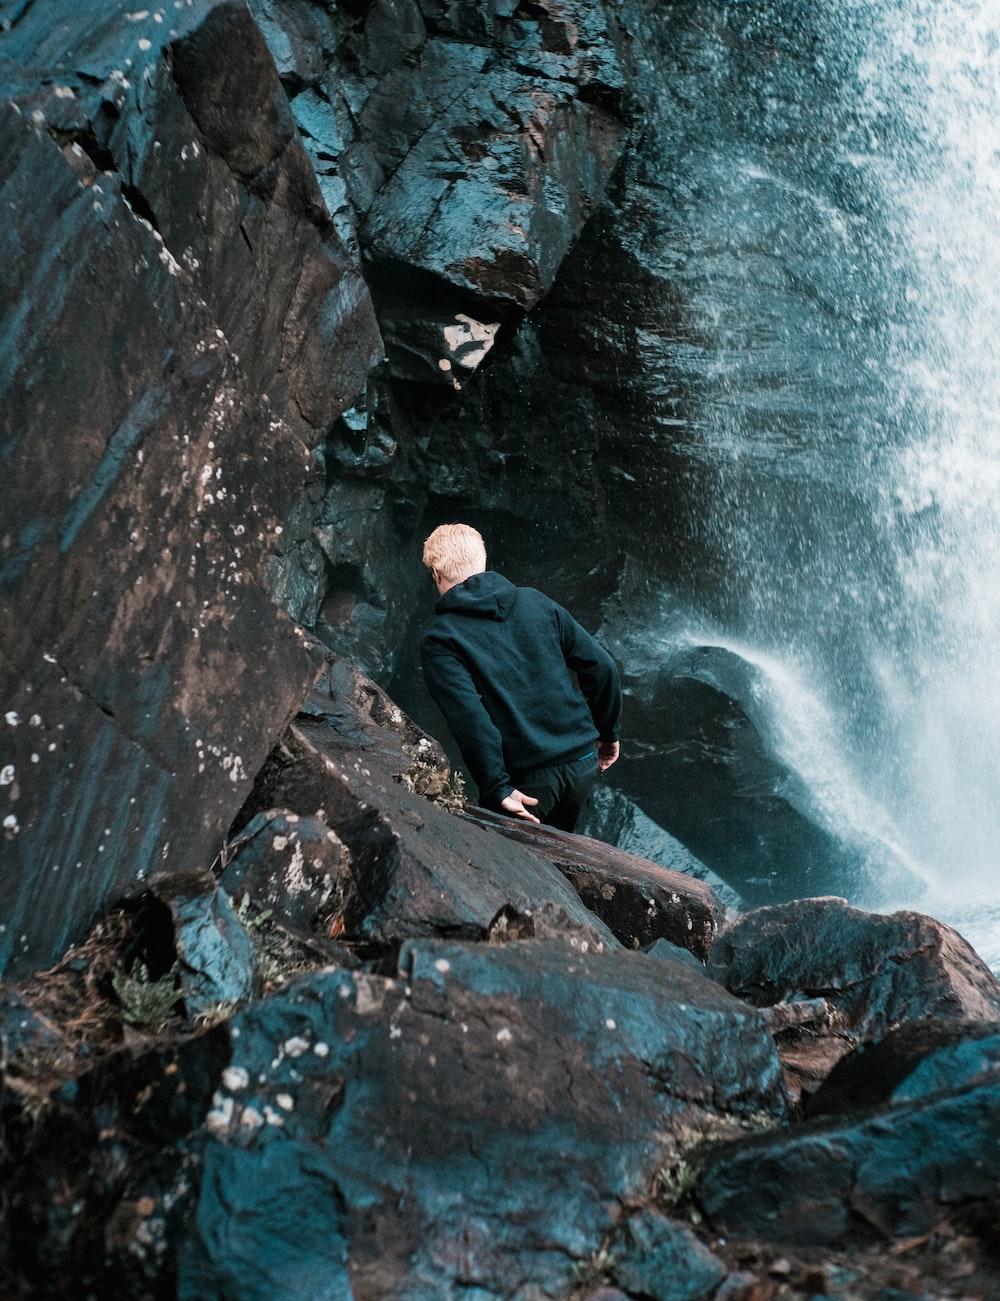 man in black jacket sitting on rock near water falls during daytime